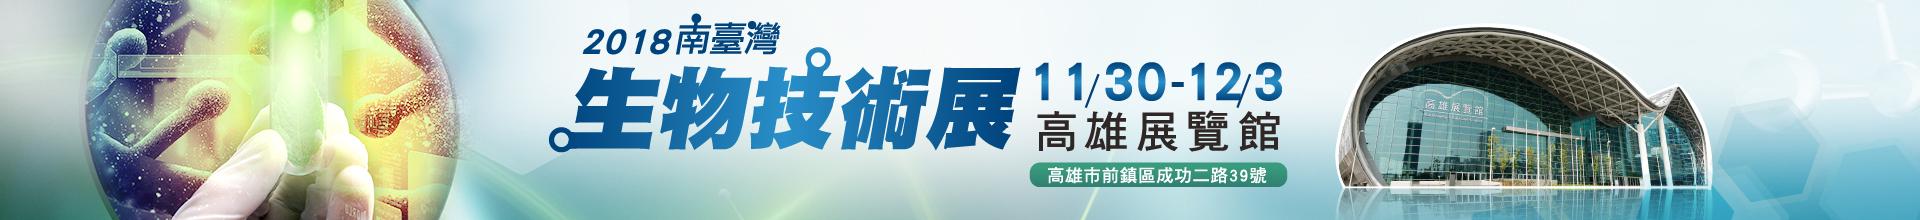 2018南臺灣生物技術展